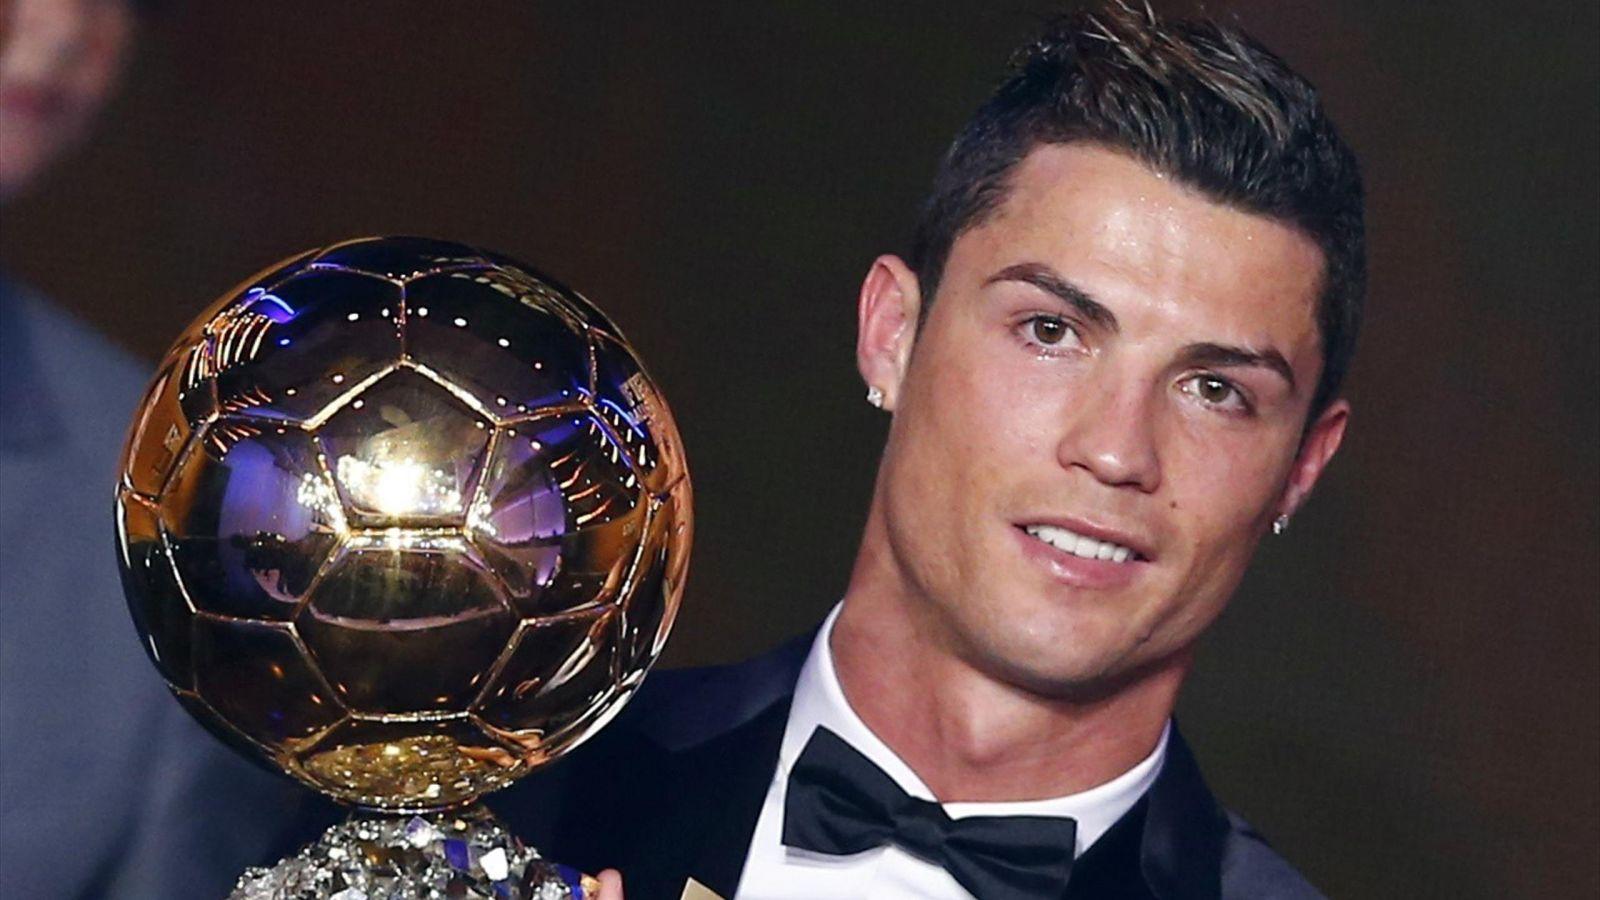 """Cristiano Ronaldo đã xứng là """"Người ngoài hành tinh""""? - 1"""